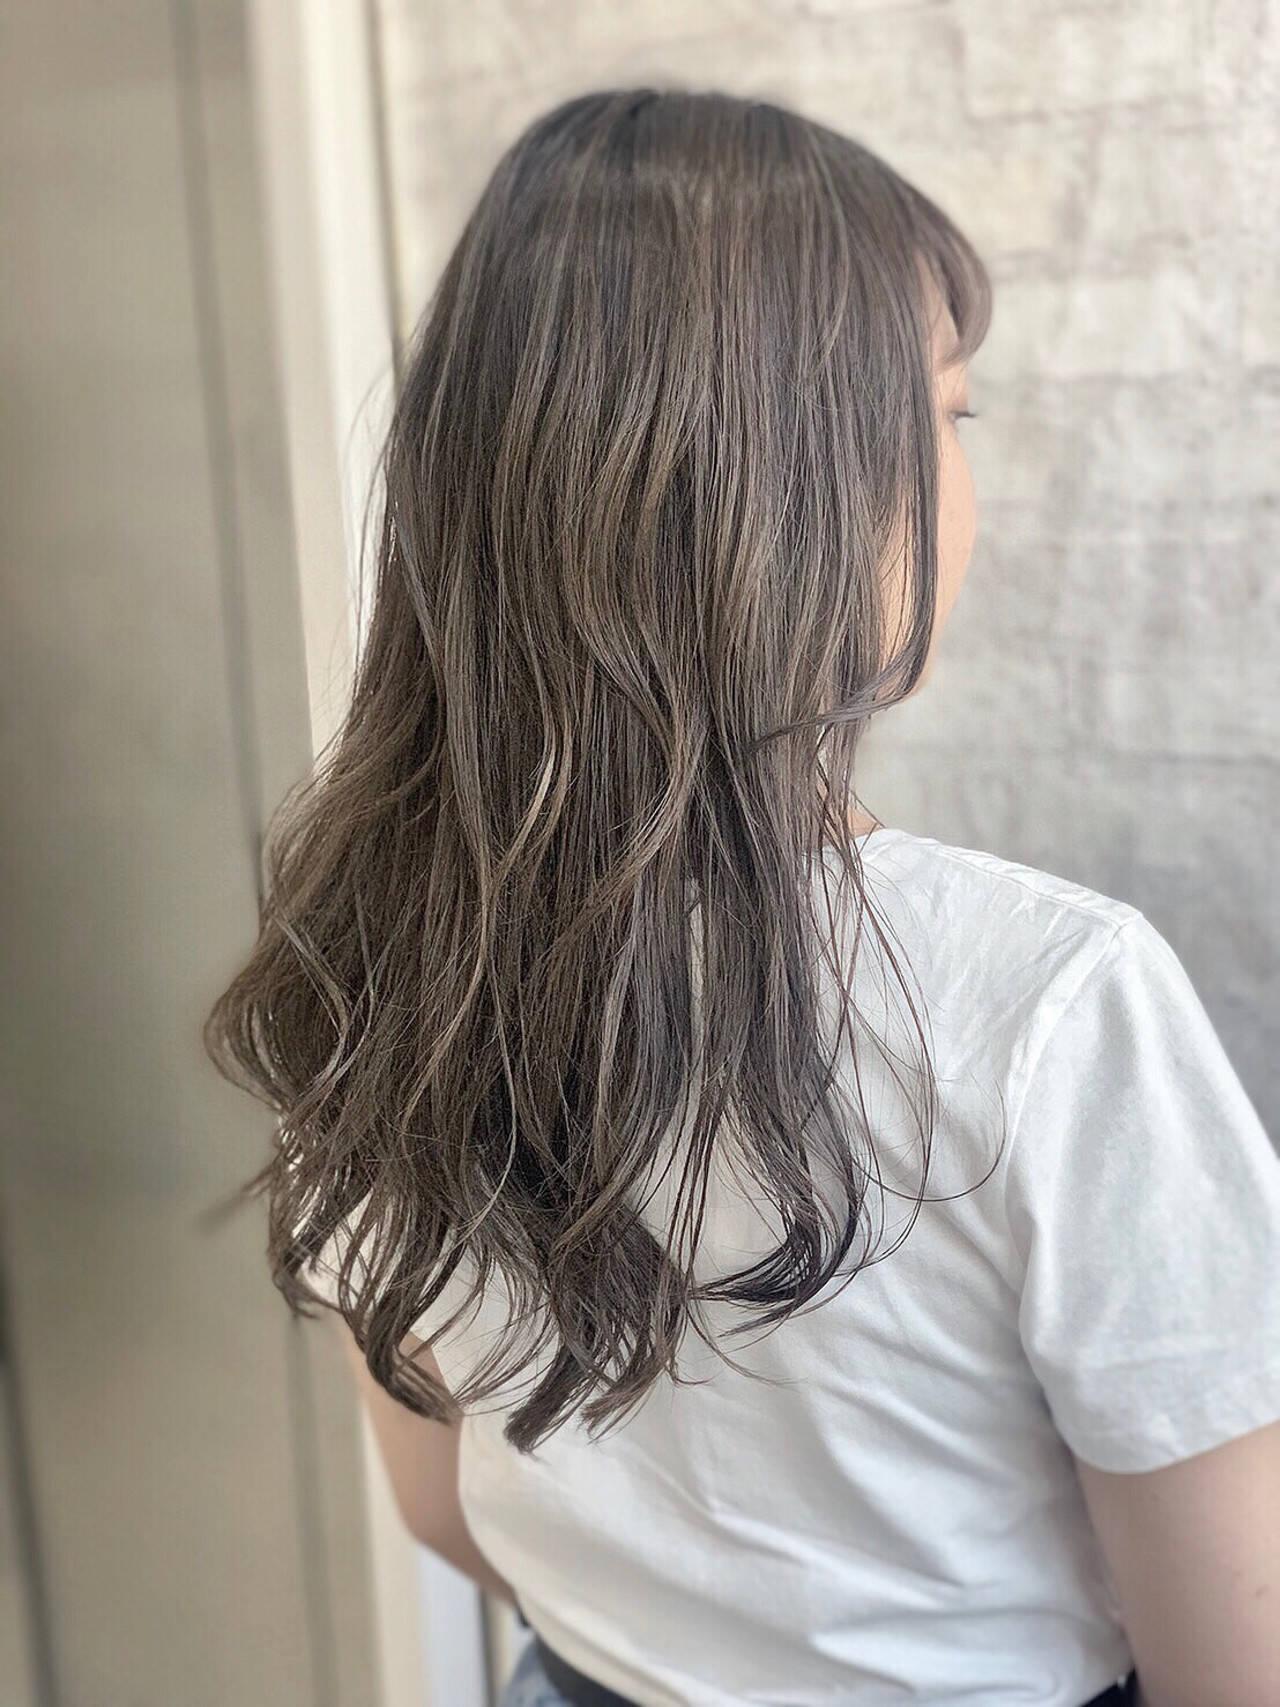 ミルクティーグレージュ ロング ナチュラル アッシュグレーヘアスタイルや髪型の写真・画像